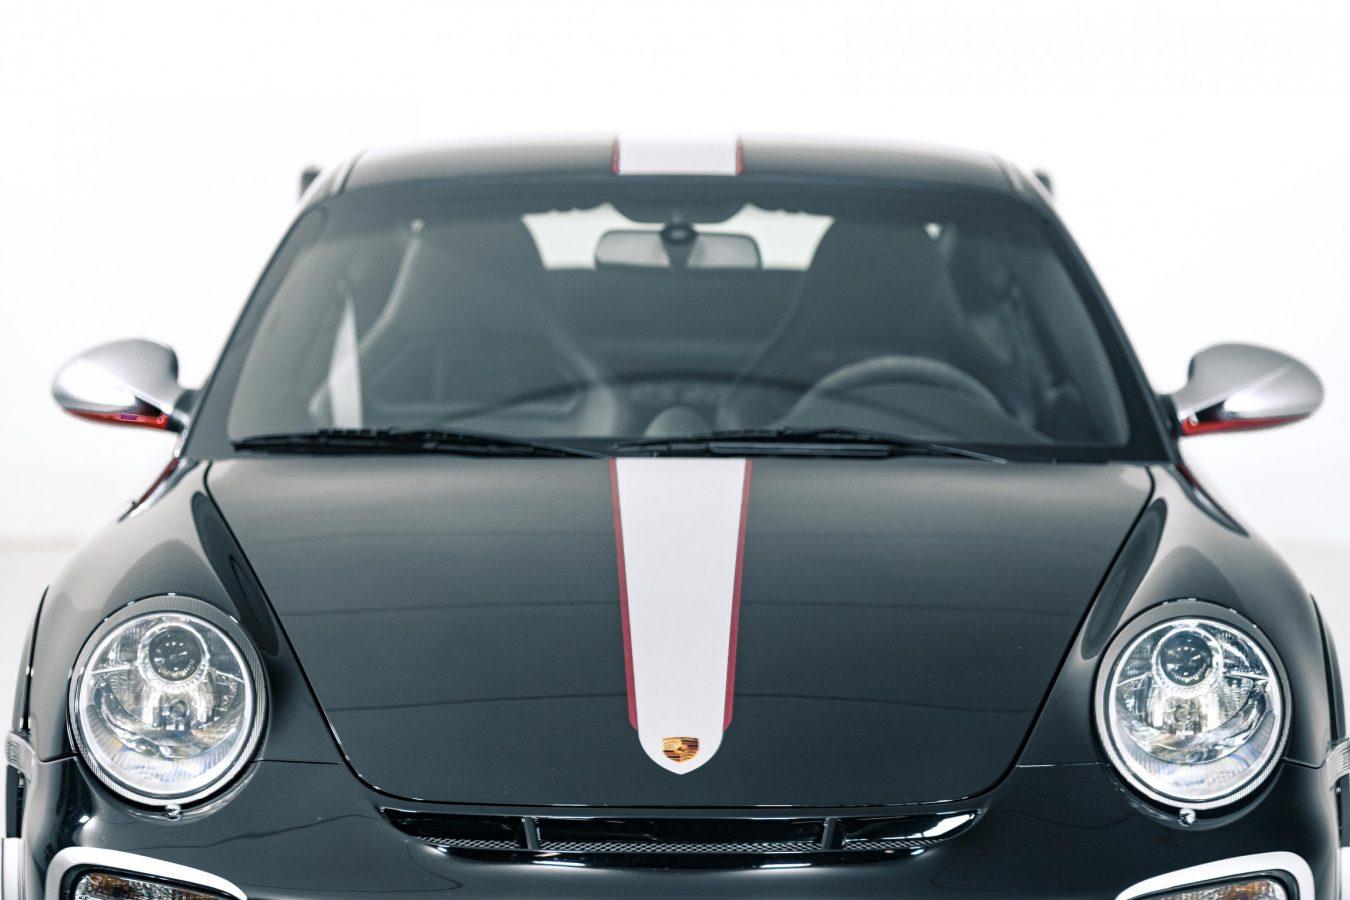 Porsche 997.2 GT3 12